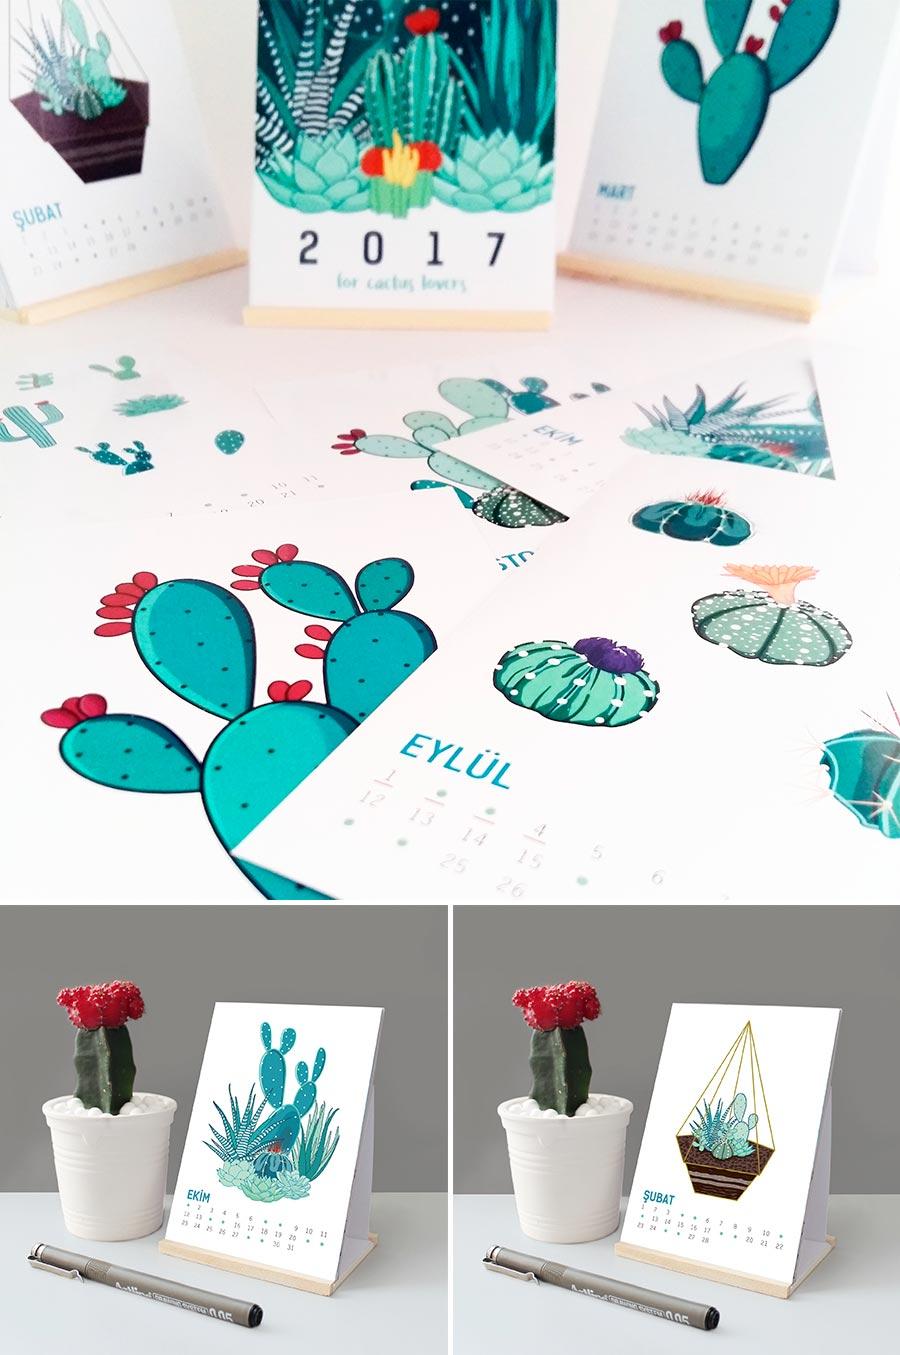 Desk Calendar by tugba bayislan